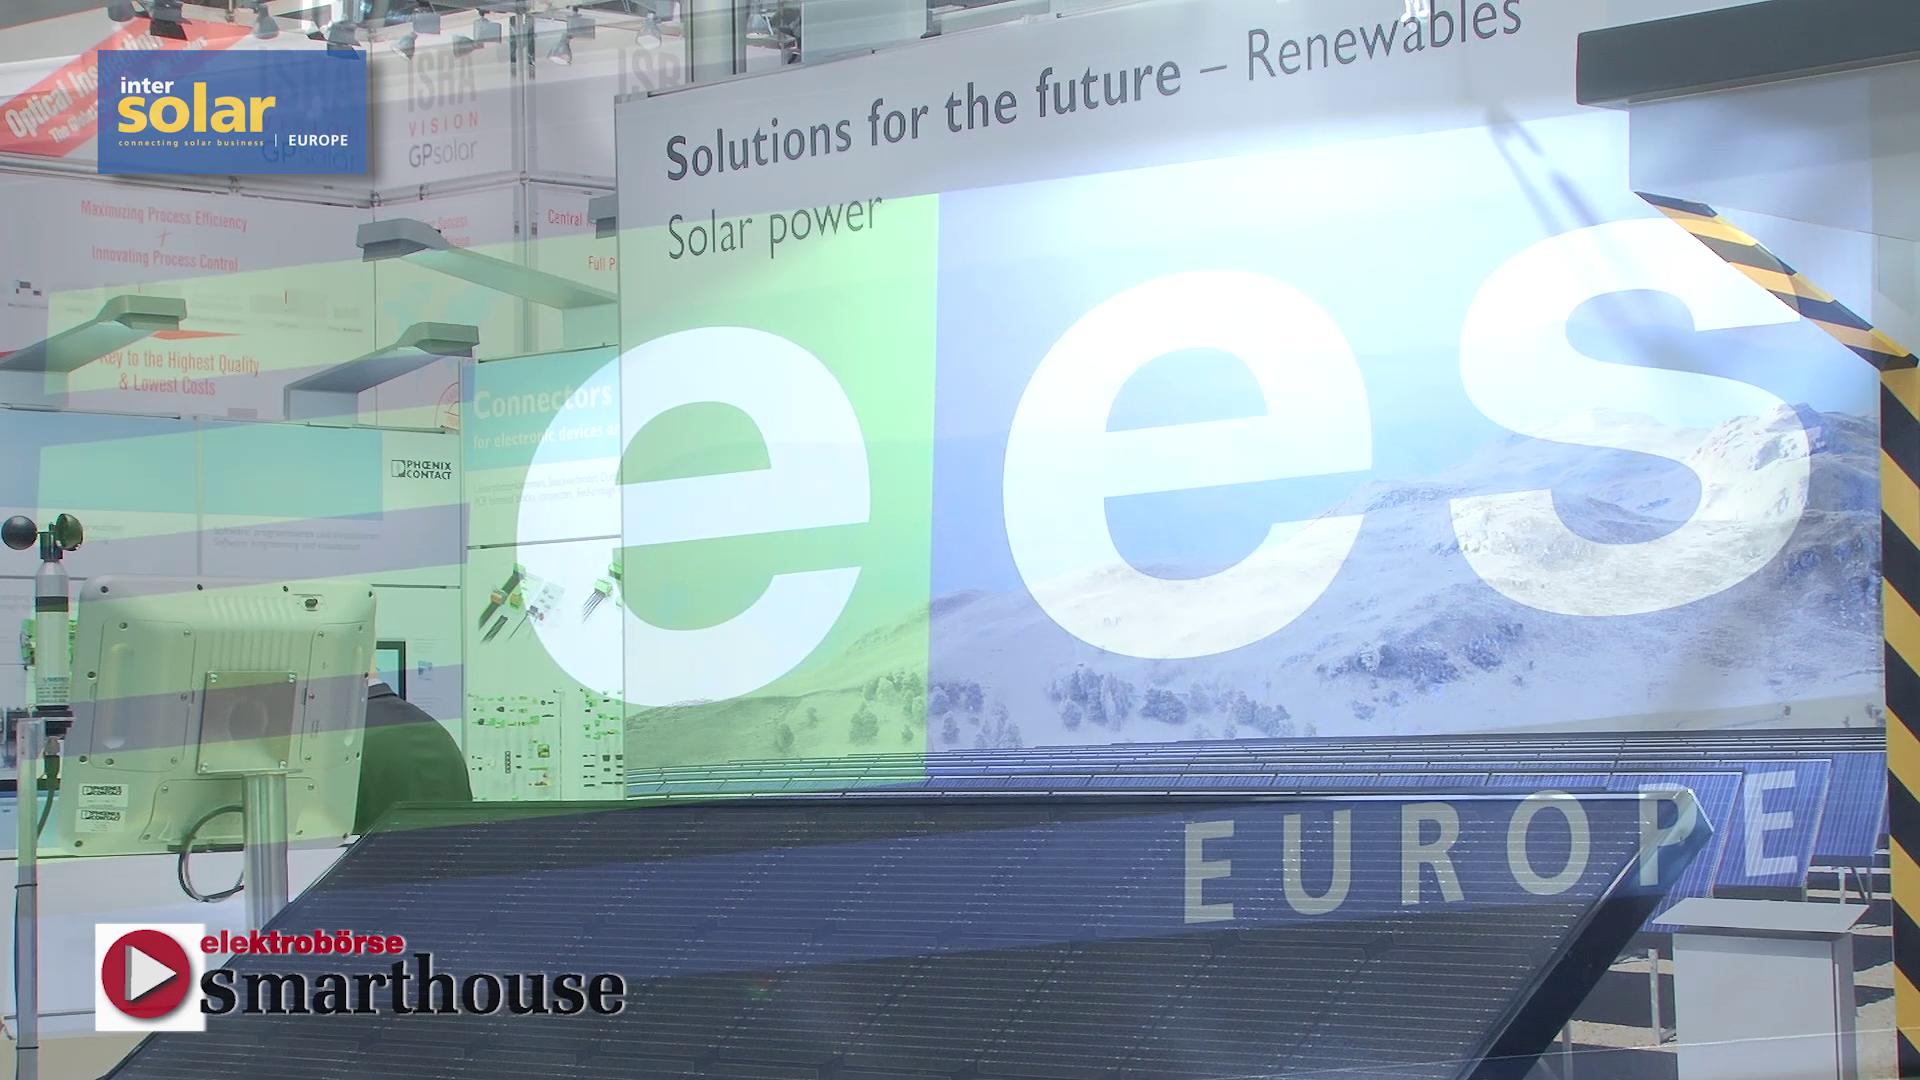 Elektroboerse smarthouse smart building summit 2017 die intersolar und ees europe 2017 aufwind in der branche fandeluxe Gallery